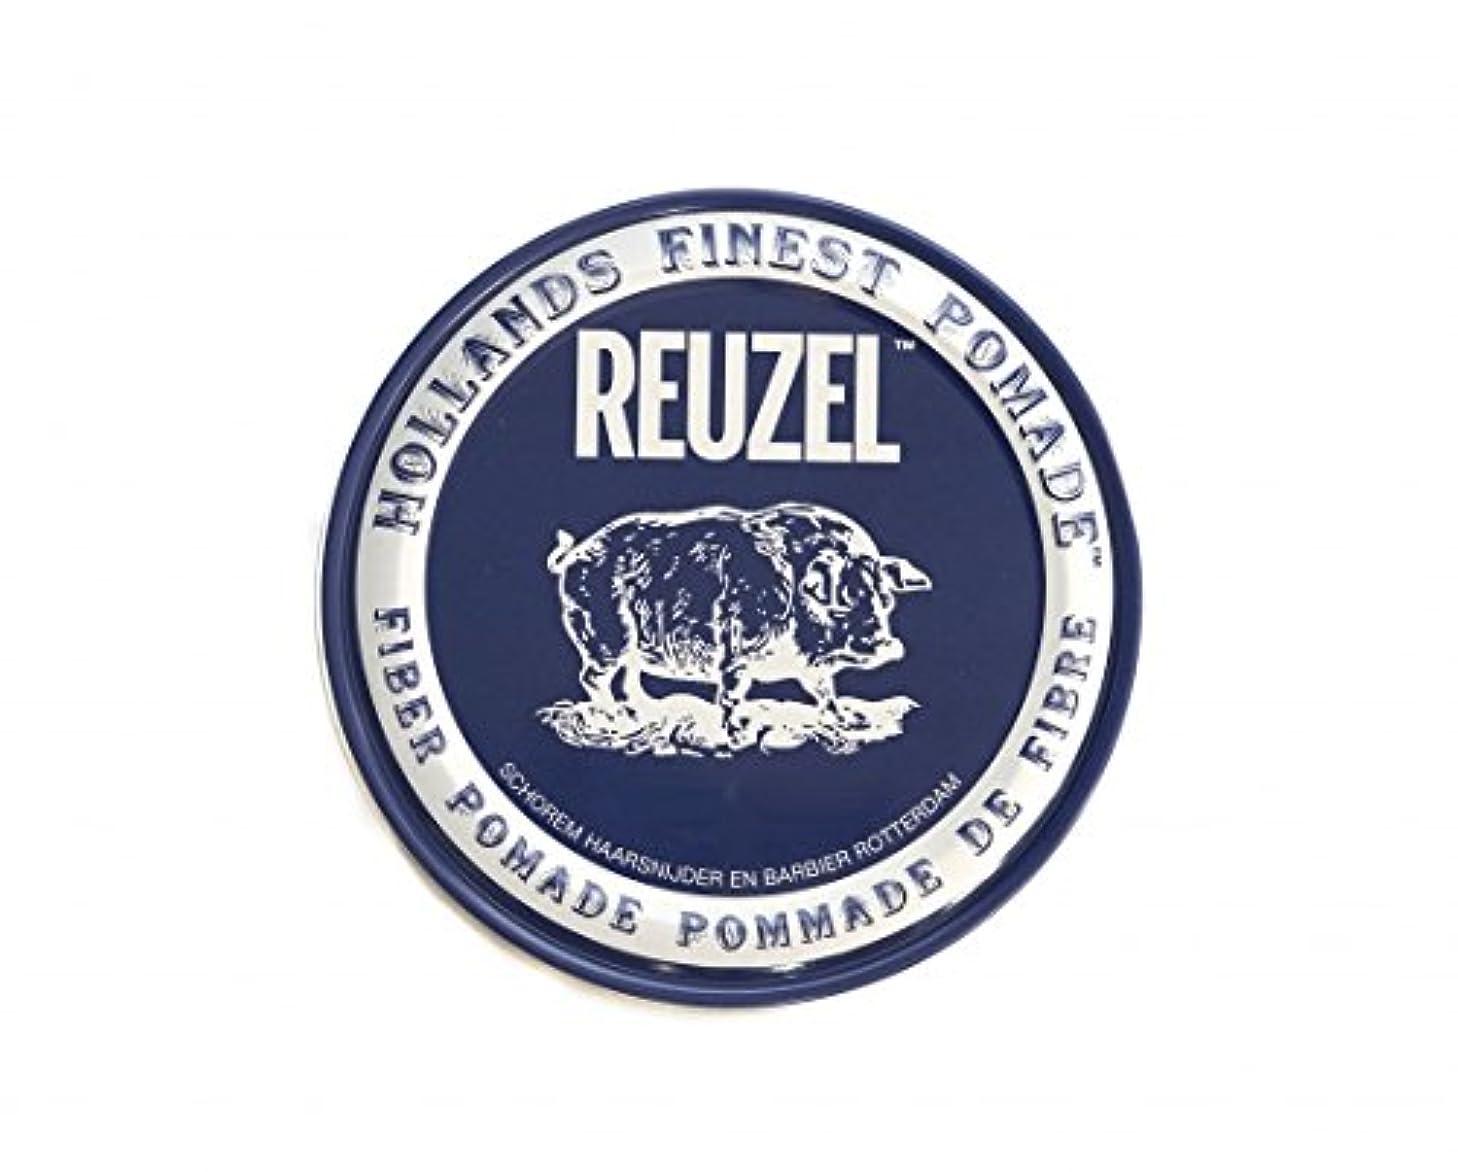 交通渋滞段階差し控えるルーゾー REUZEL ファイバーポマード ネイビー 113g